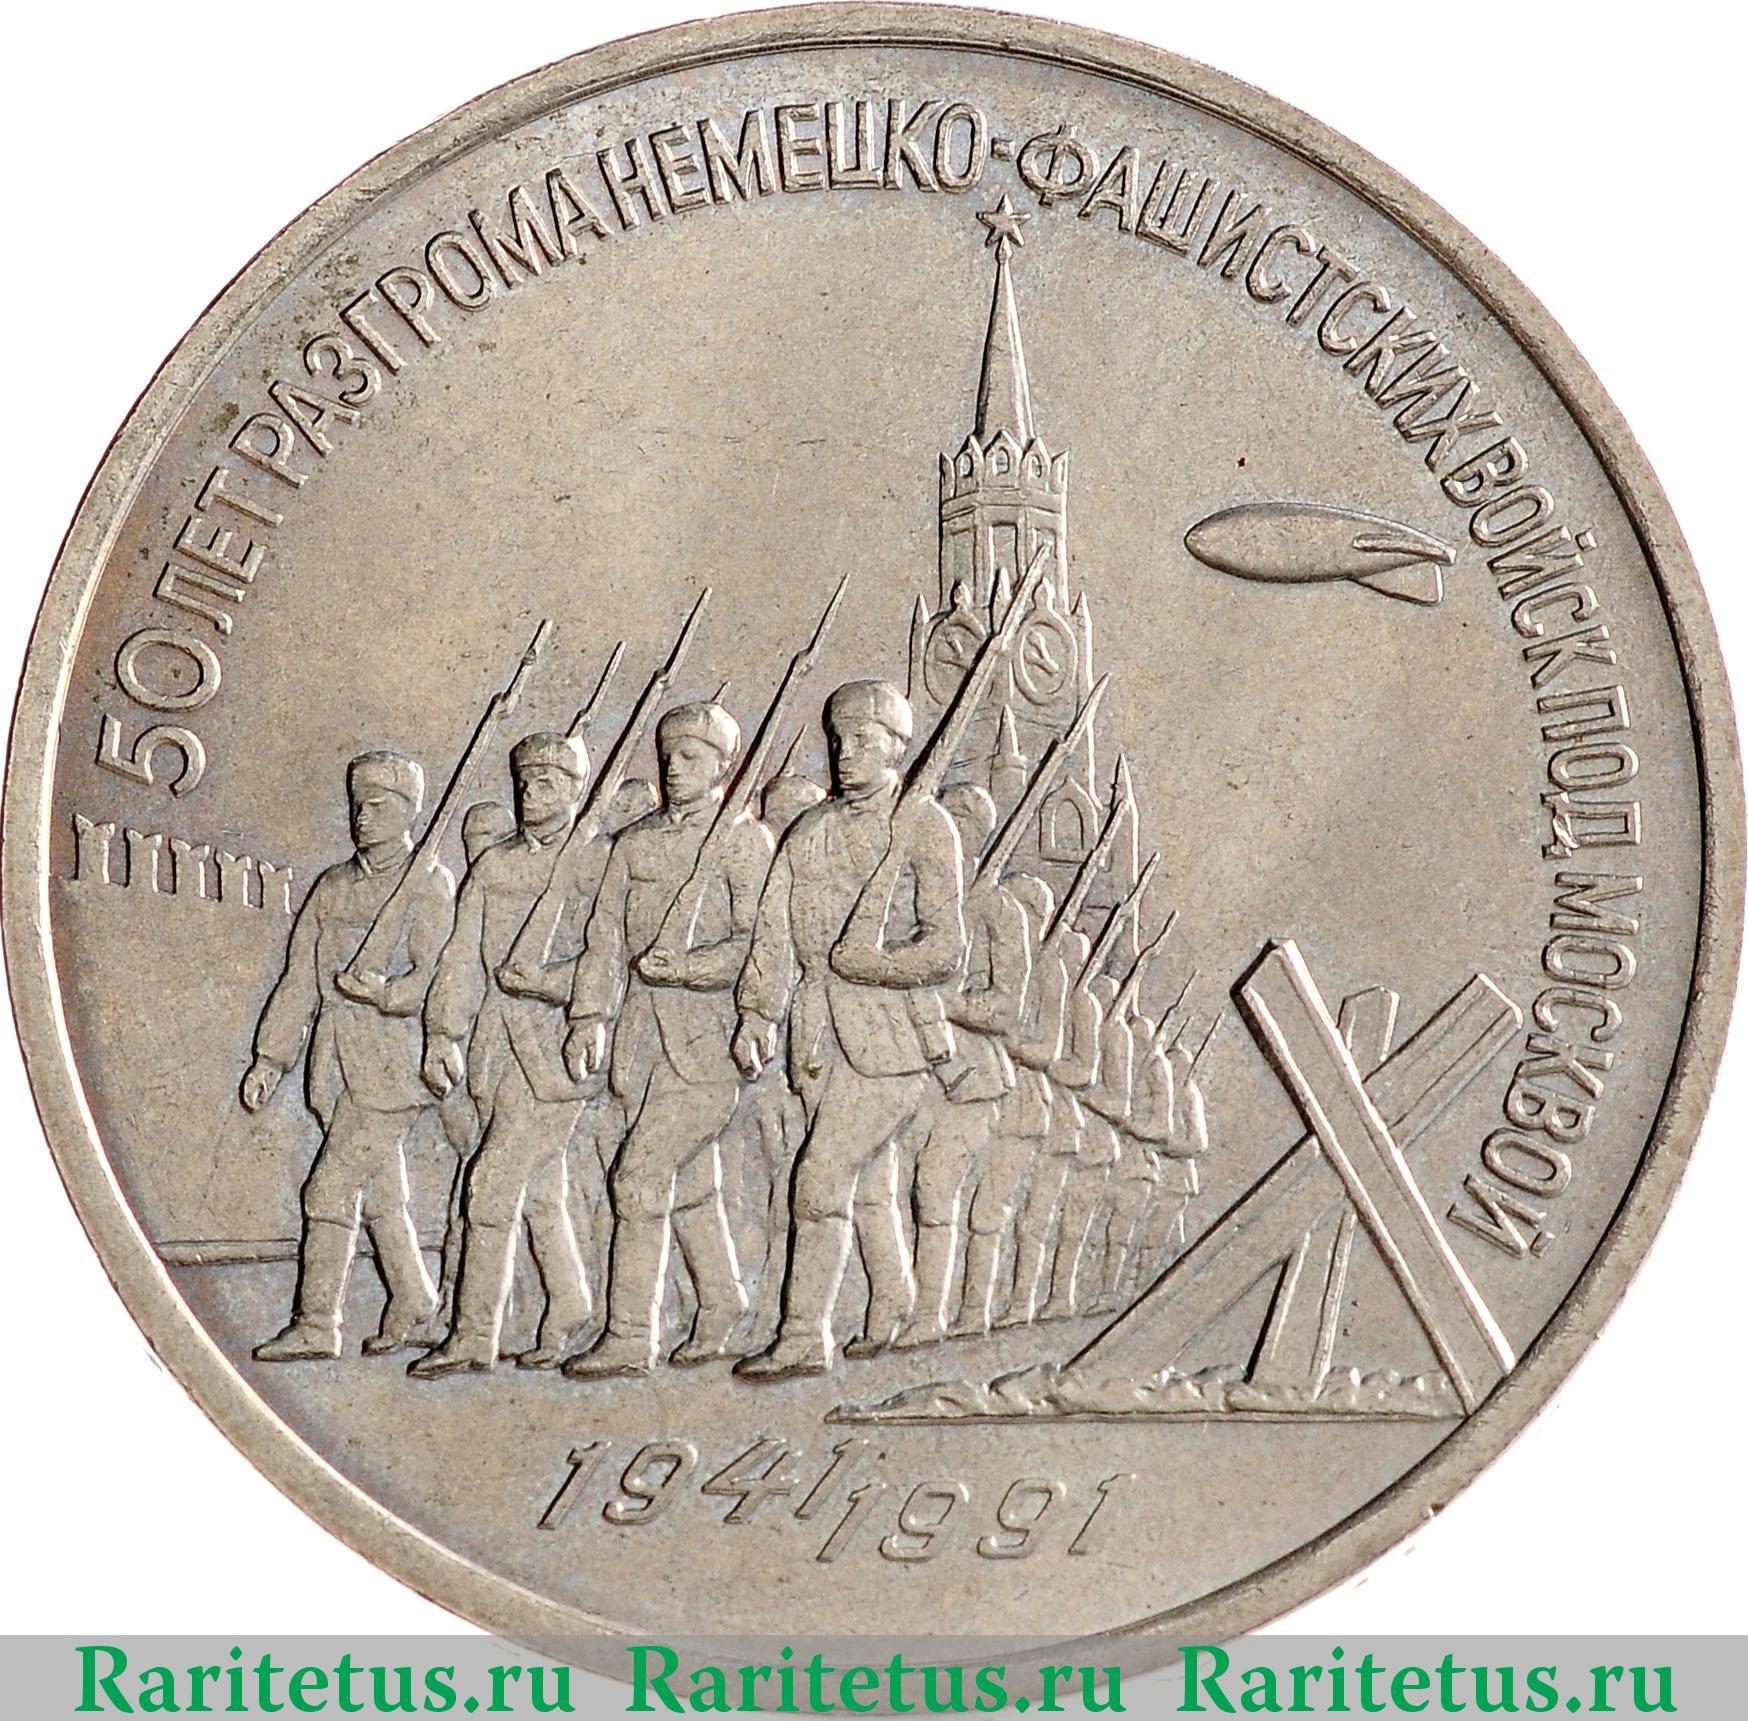 3 рубля 1991 года цена монета 1 рубль 1807 года цена